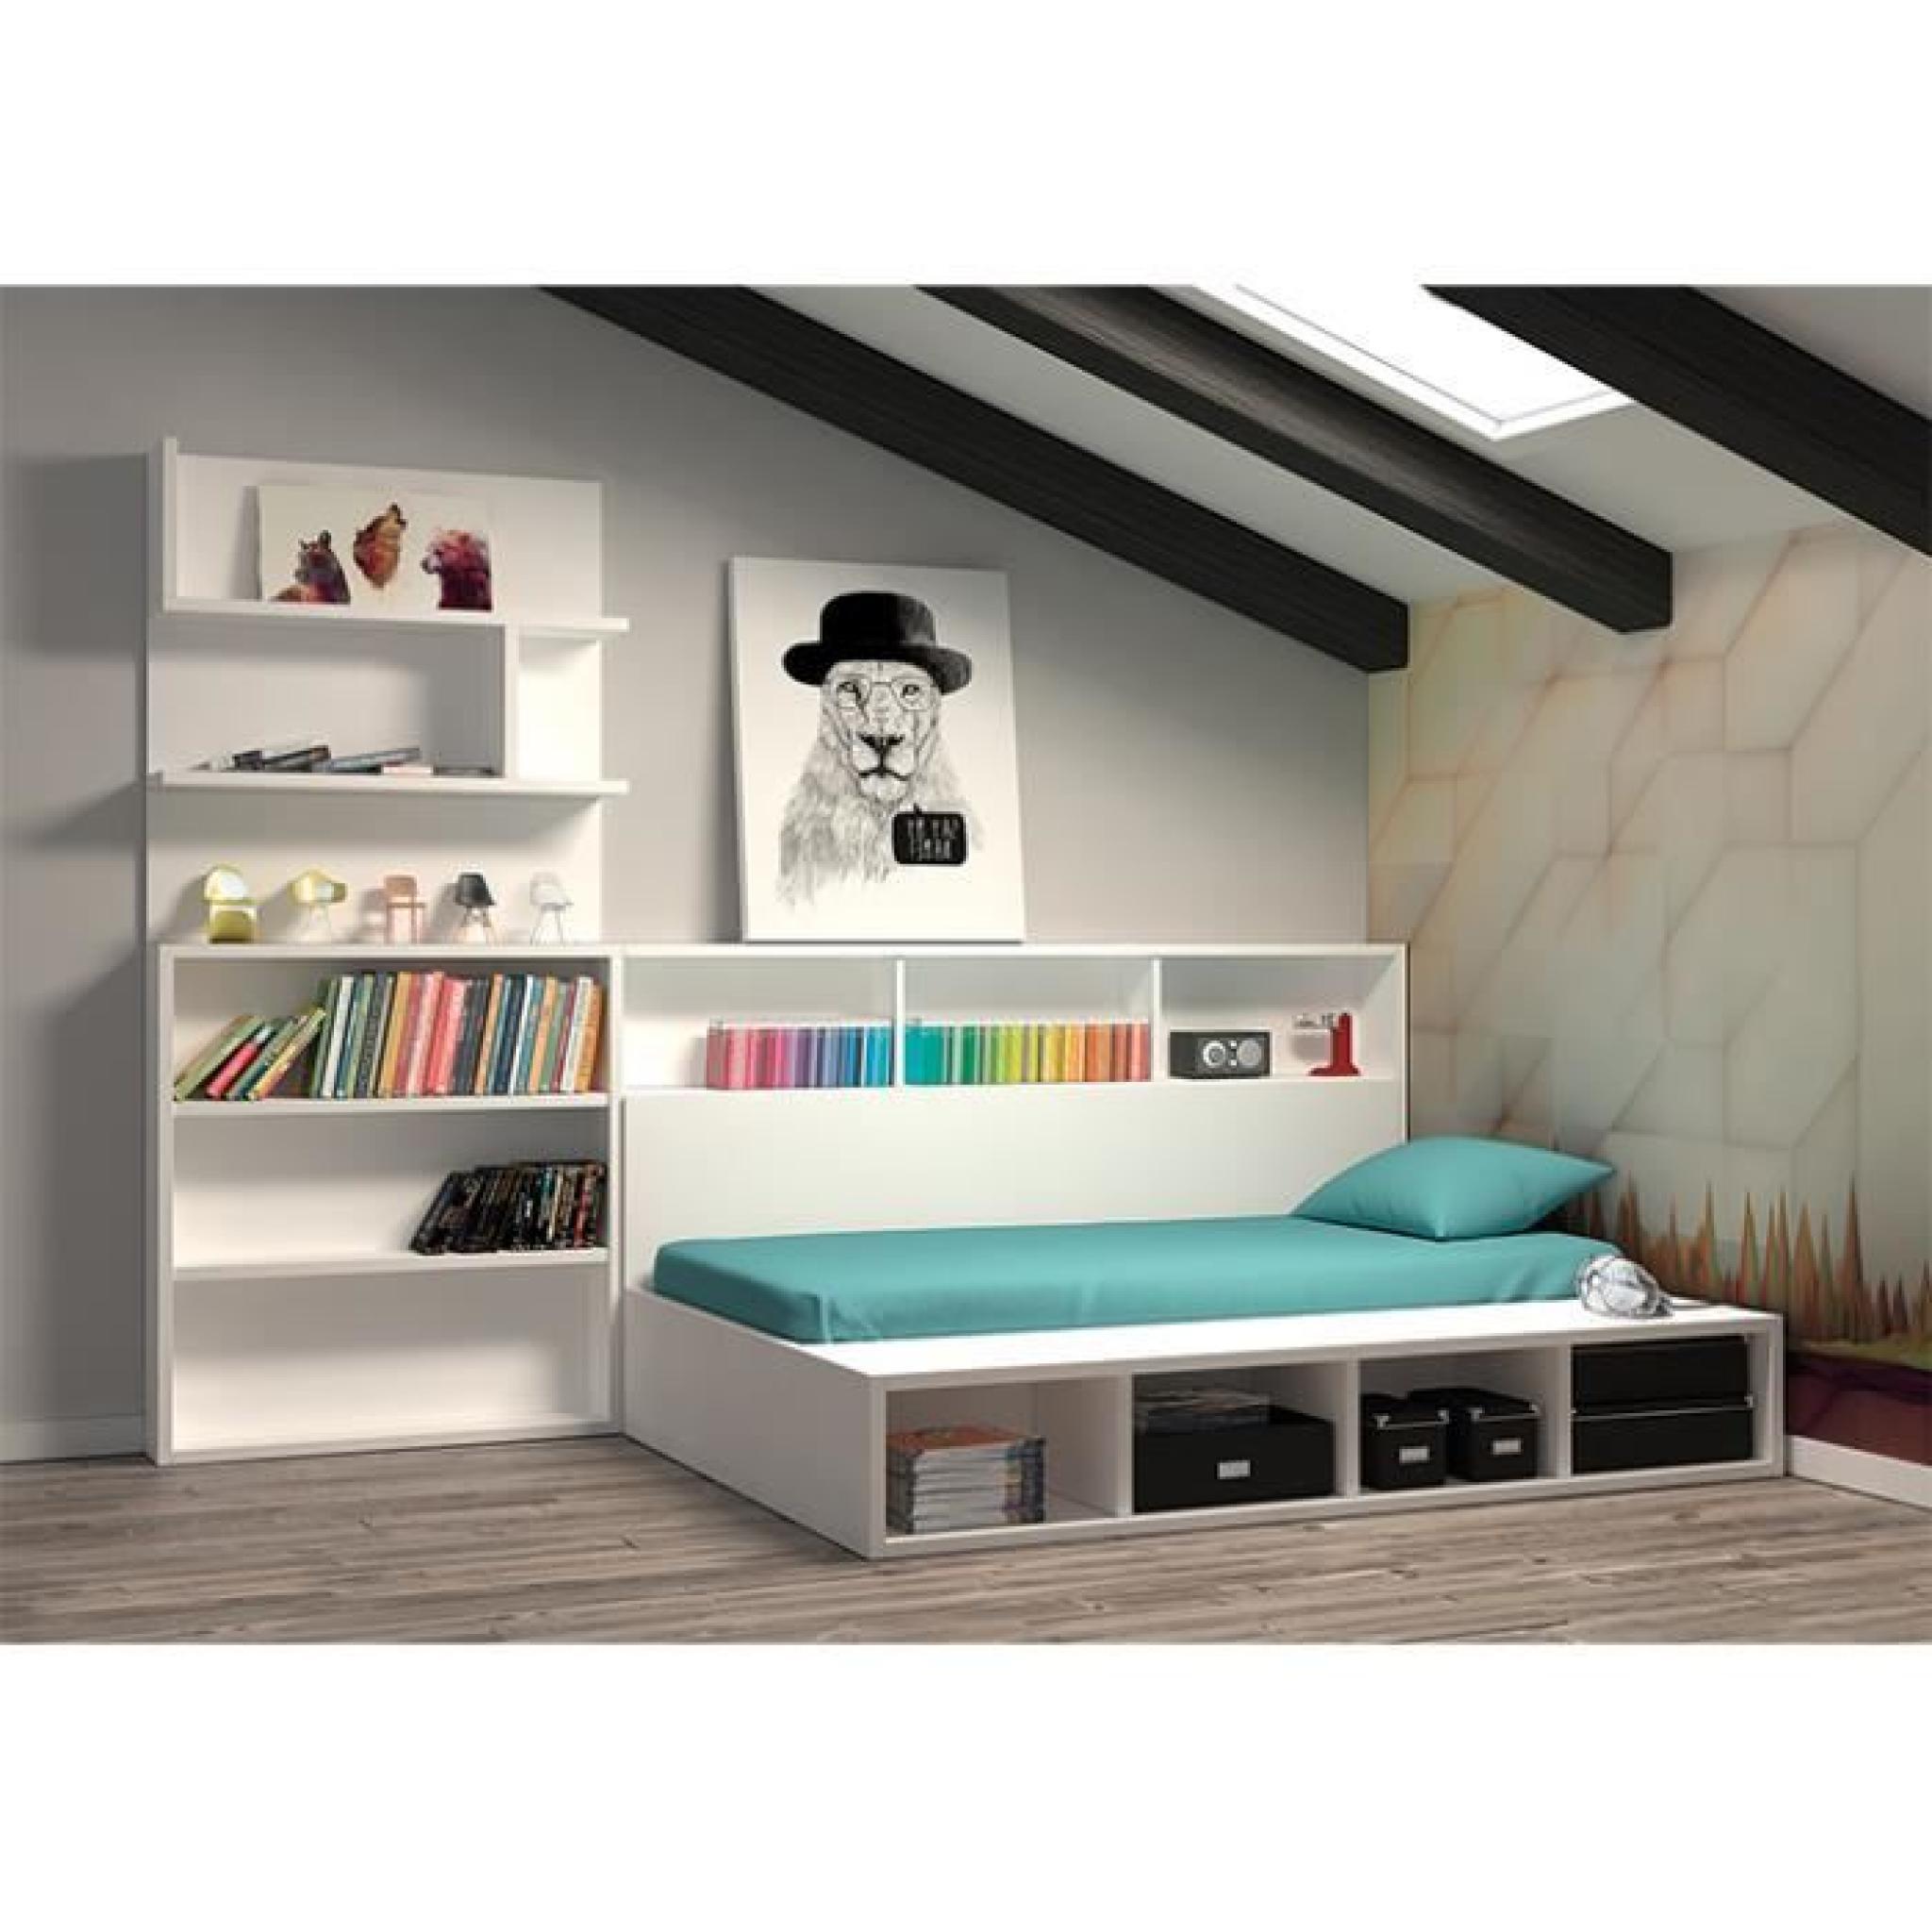 chambre edmond lit coffre avec biblioth que achat vente On chambre adulte complete avec lit coffre